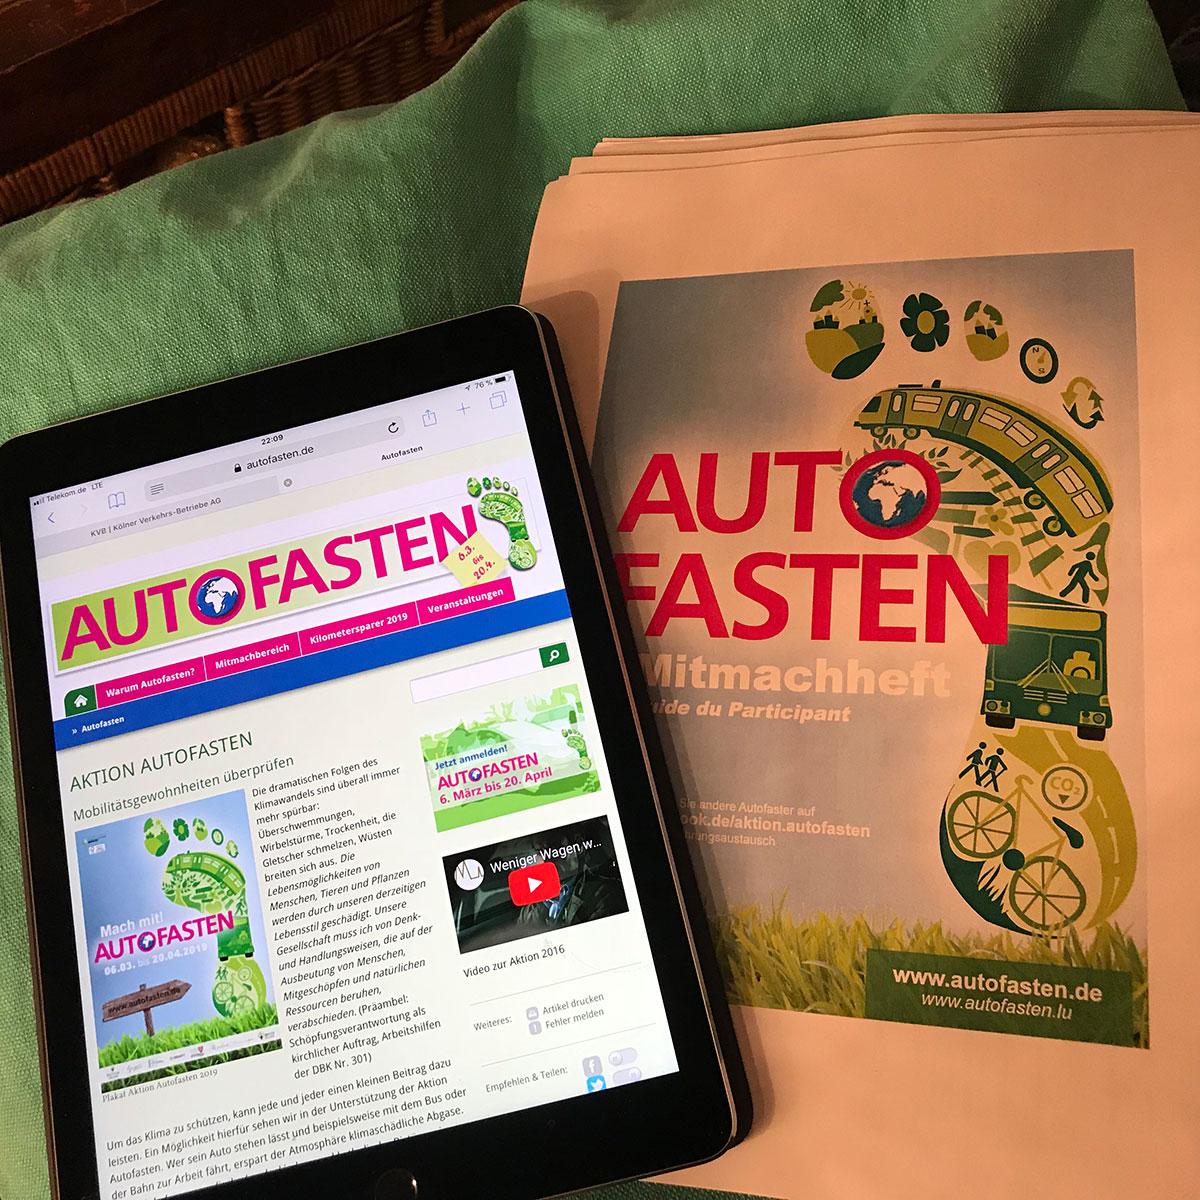 Informationen zum Autofasten